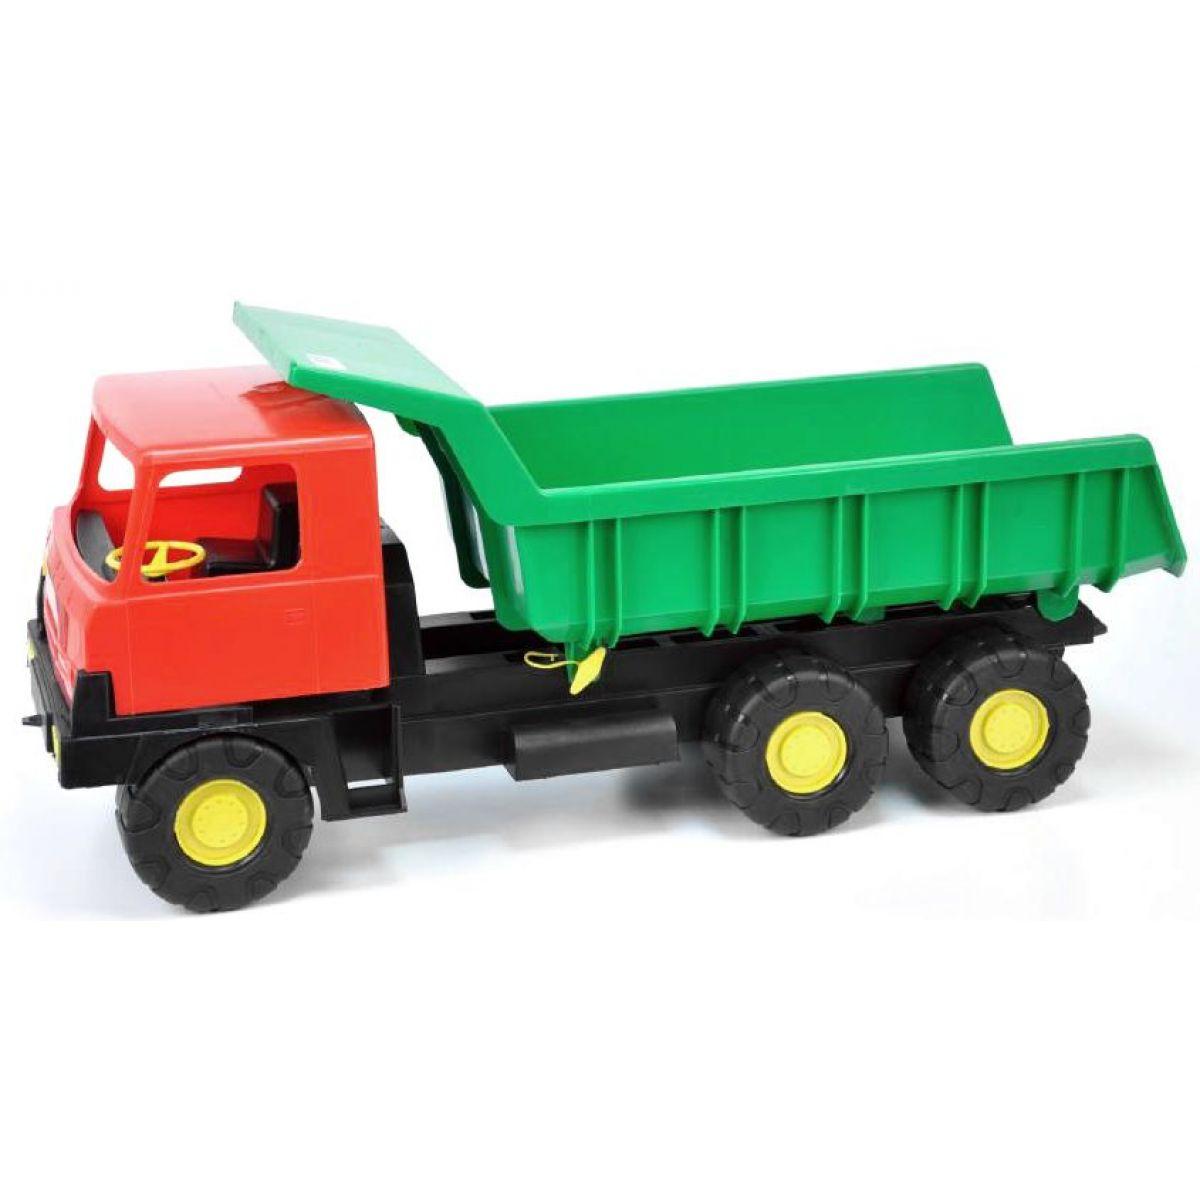 Tatra 815 Korba zelená kabina červená 75 cm